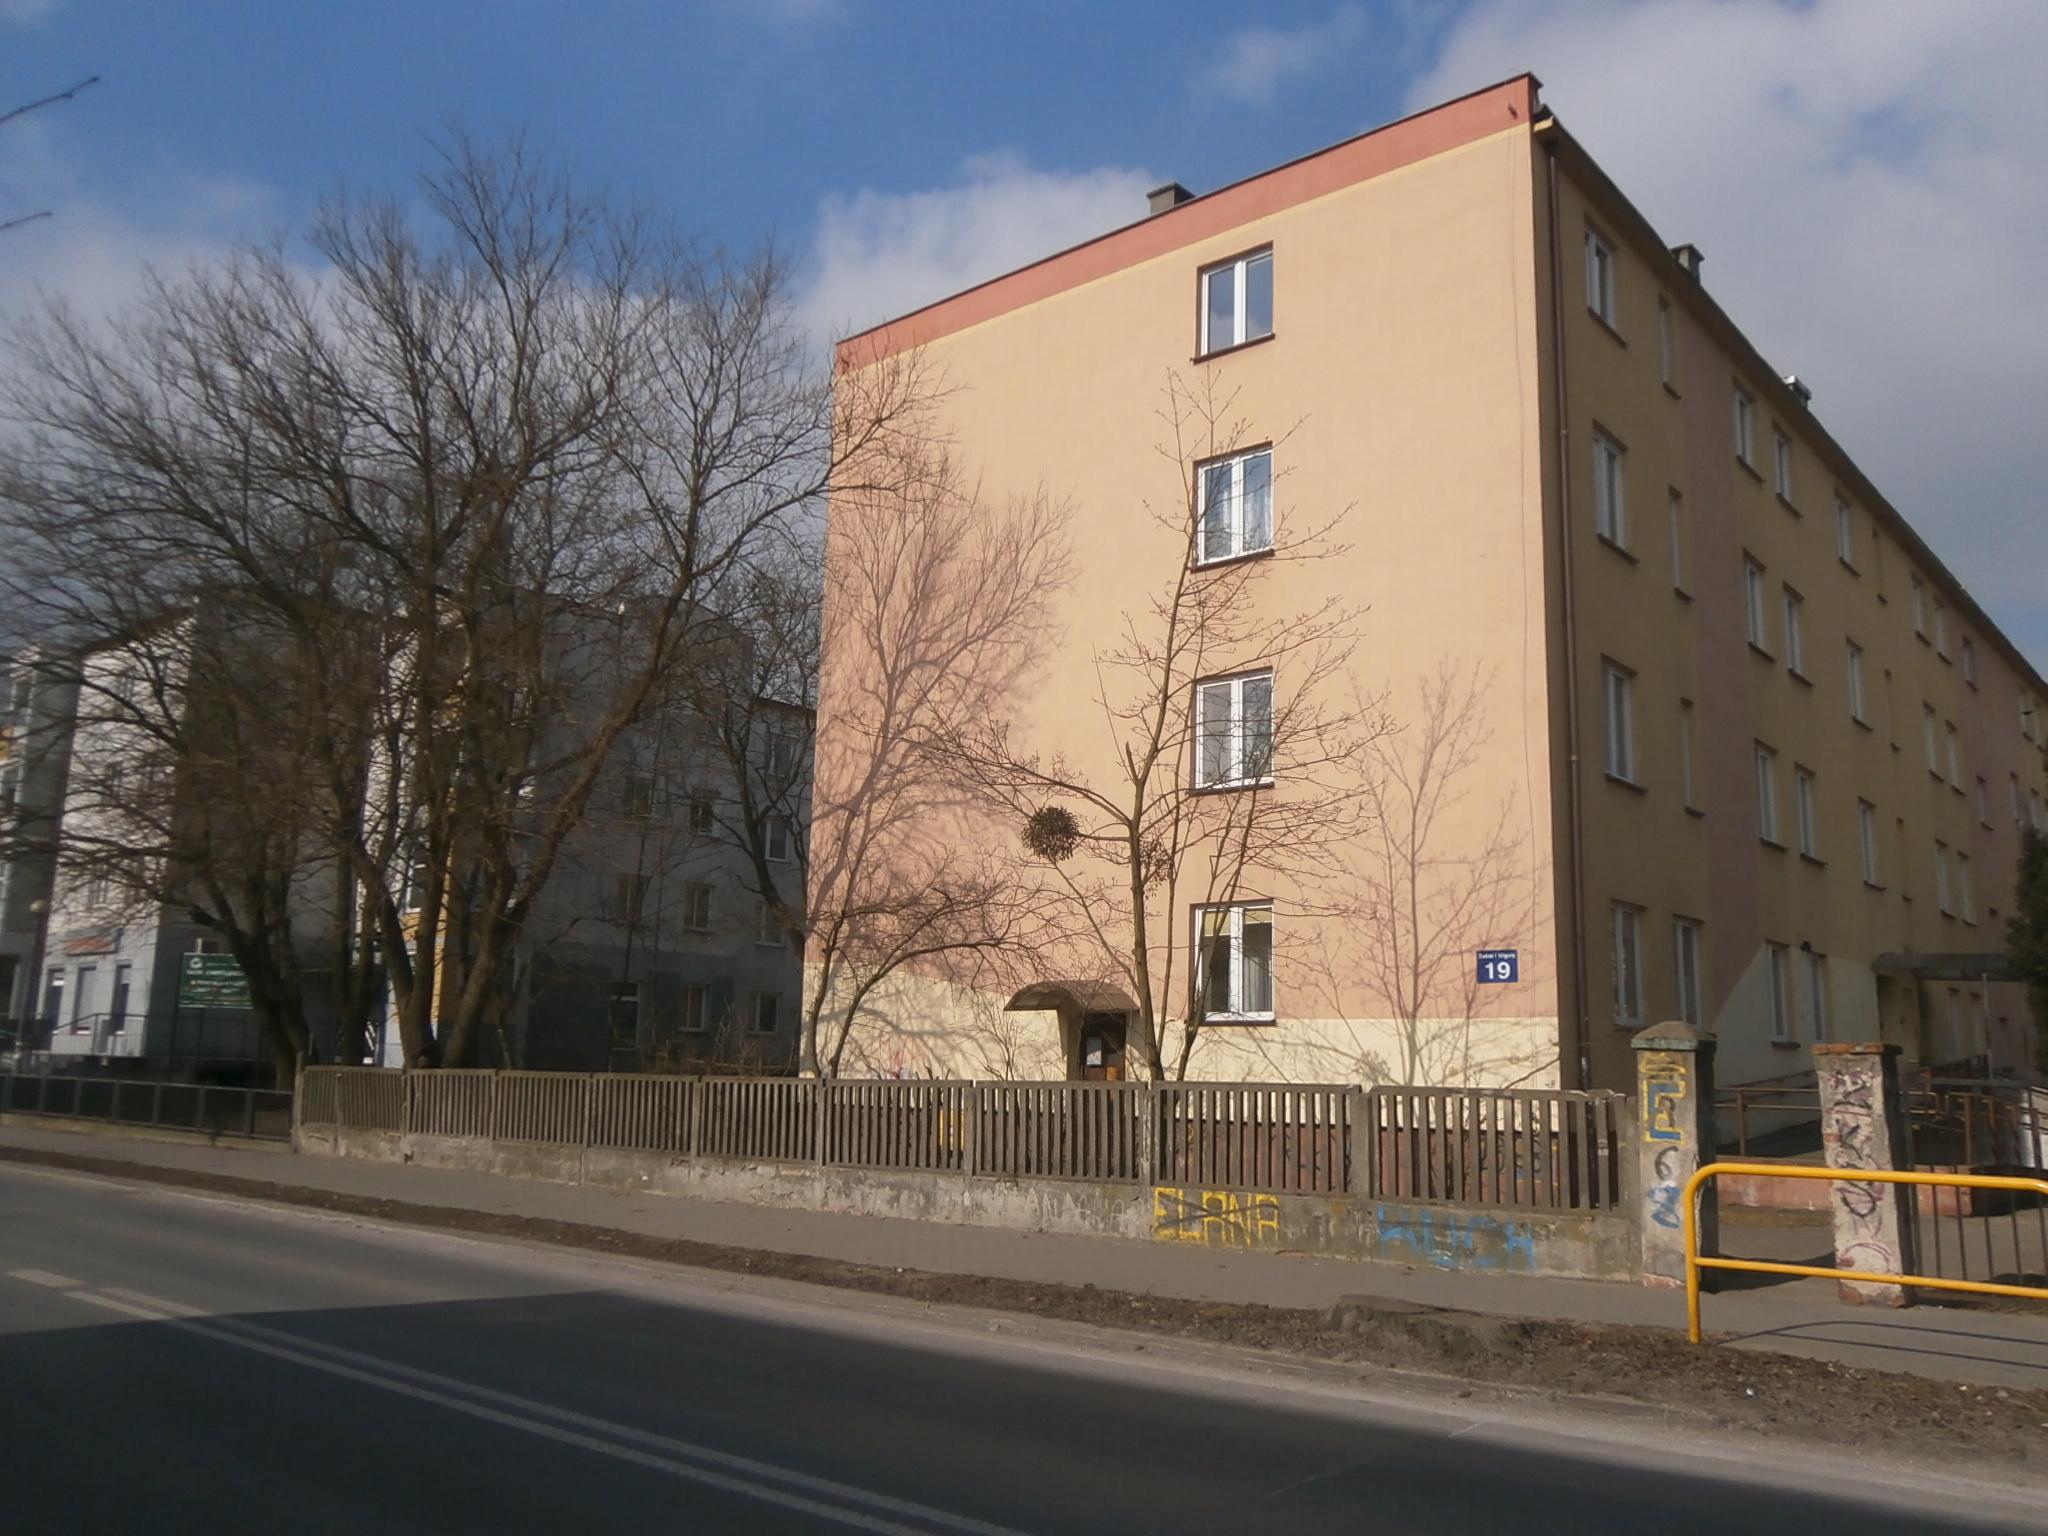 ul. Żwirki i Wigury 19/na ogrodzeniu + ściana budynku